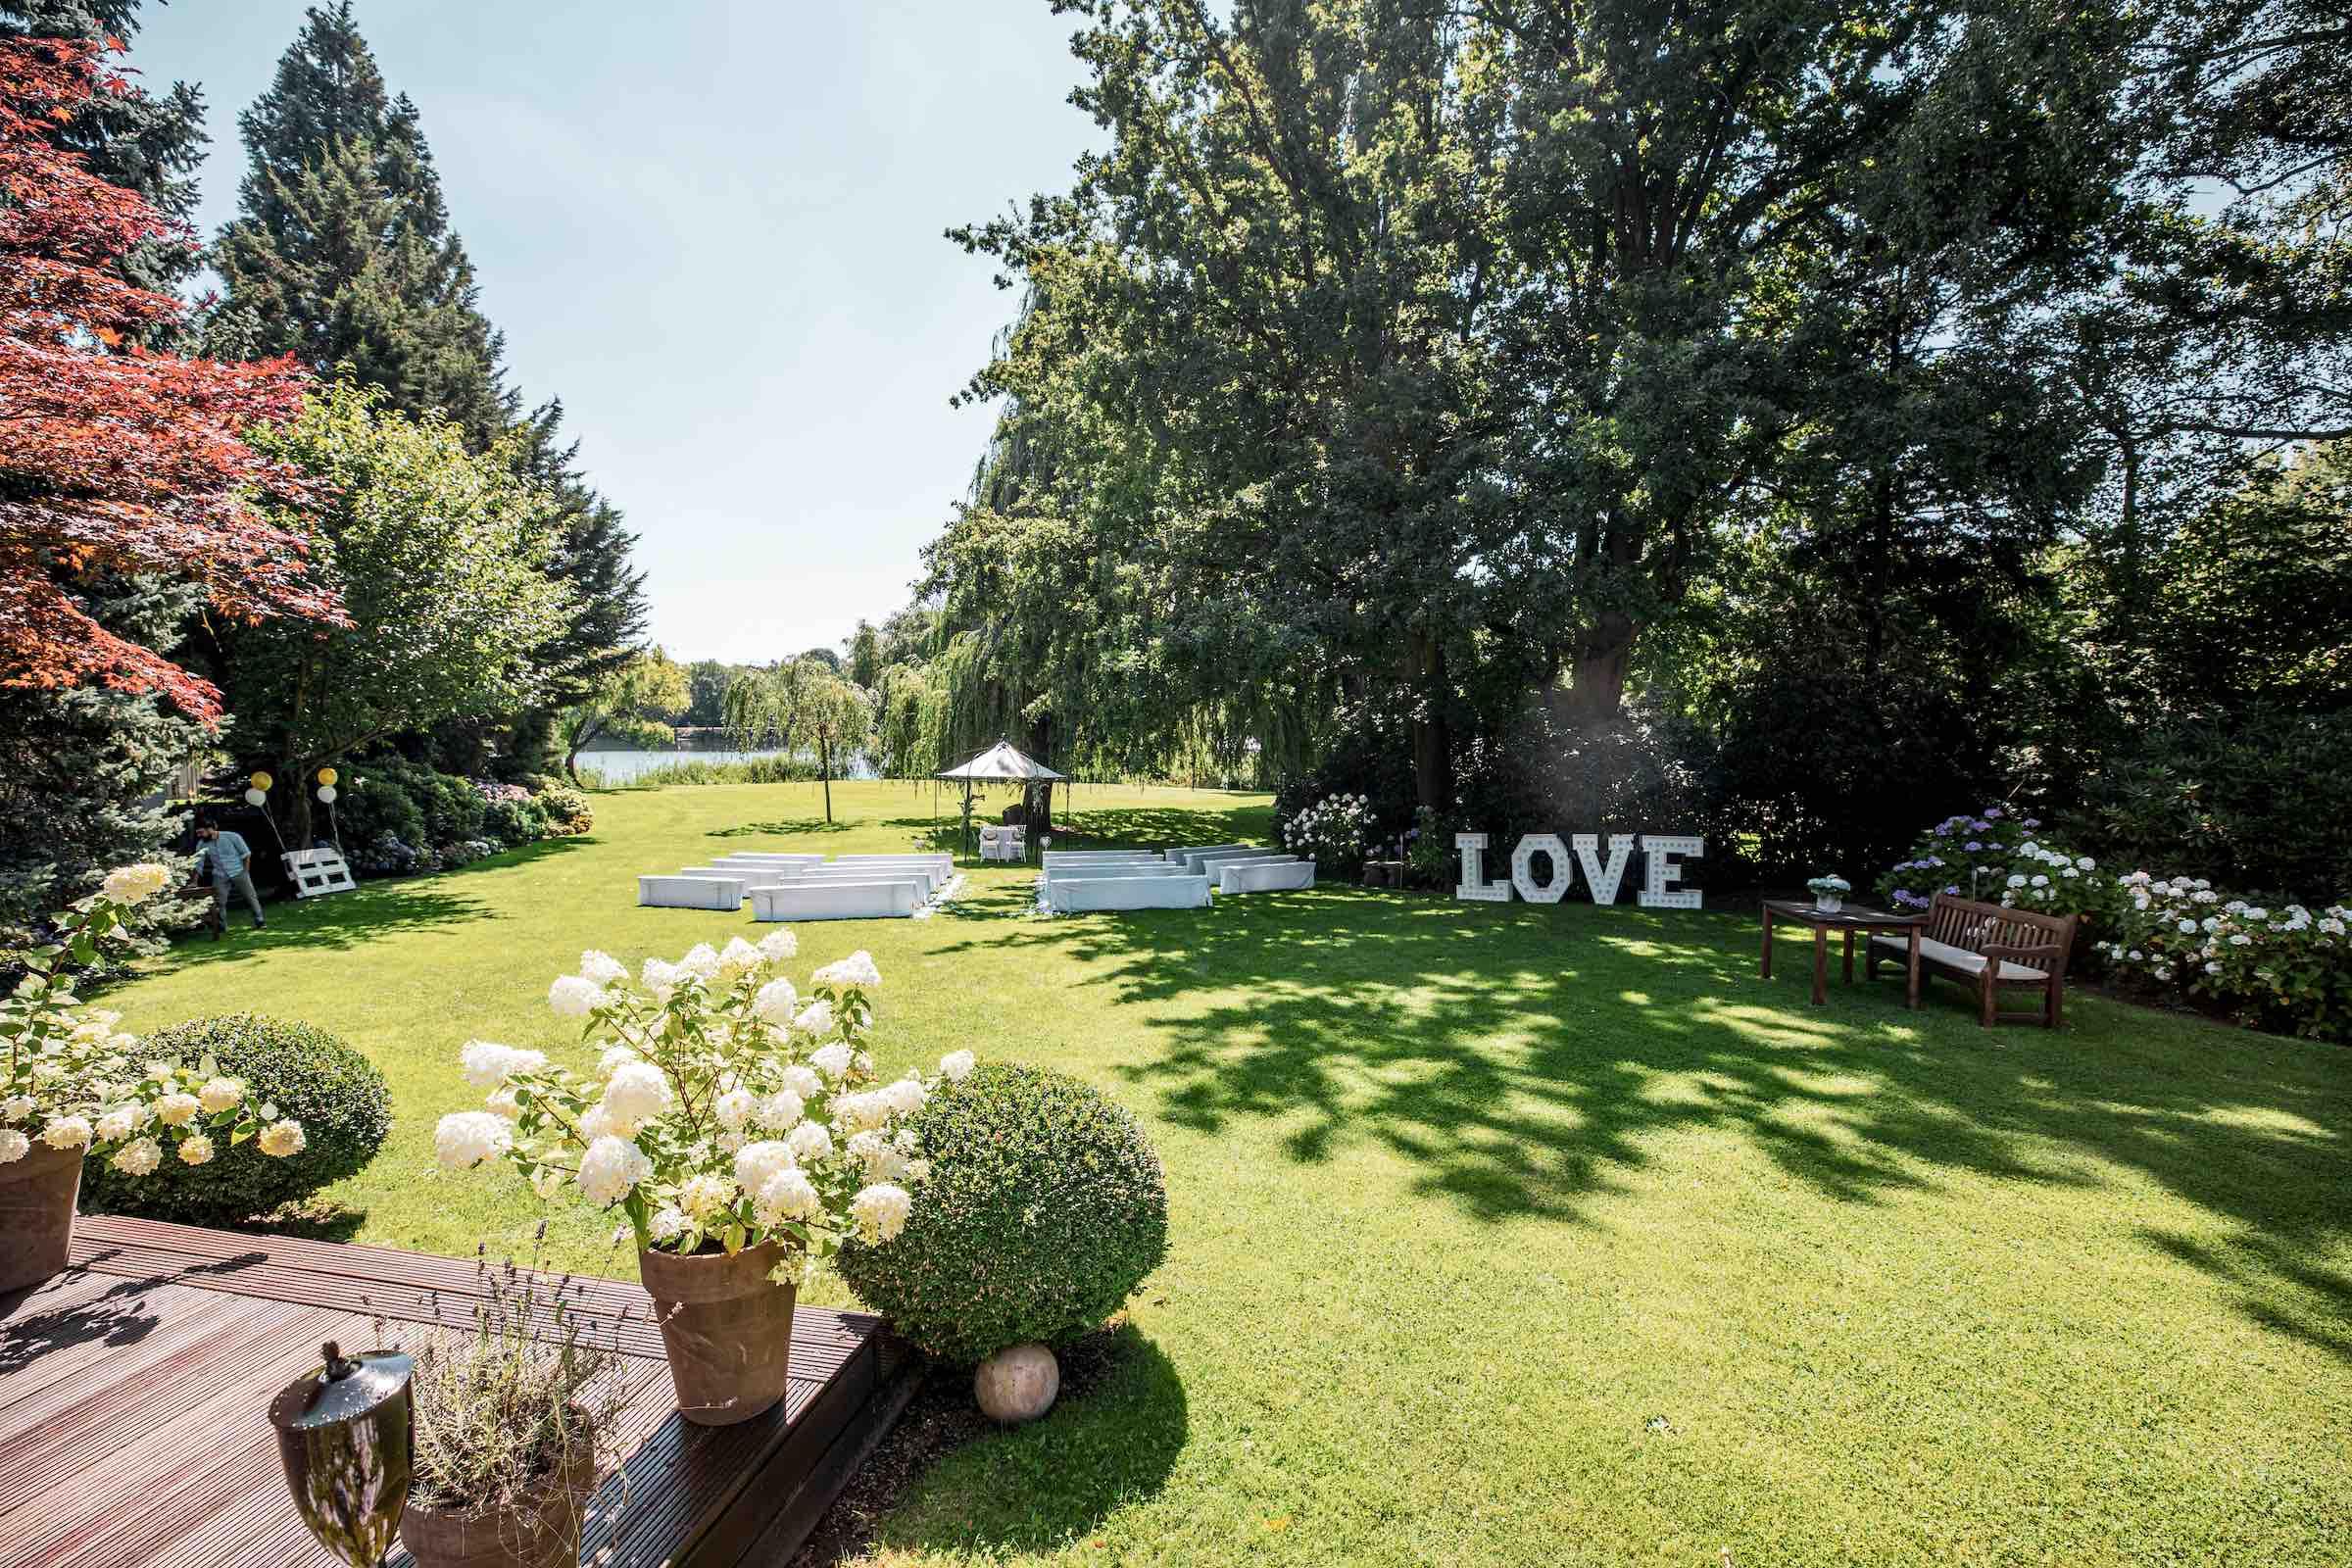 Landhaus | am | See | Hannover | Restaurant | Garten | LOVE | Buchstaben | Leuchtbuchstaben | Mieten | Referenz | Fotograf | DJ | Hannover | Lehmann | Eventservice